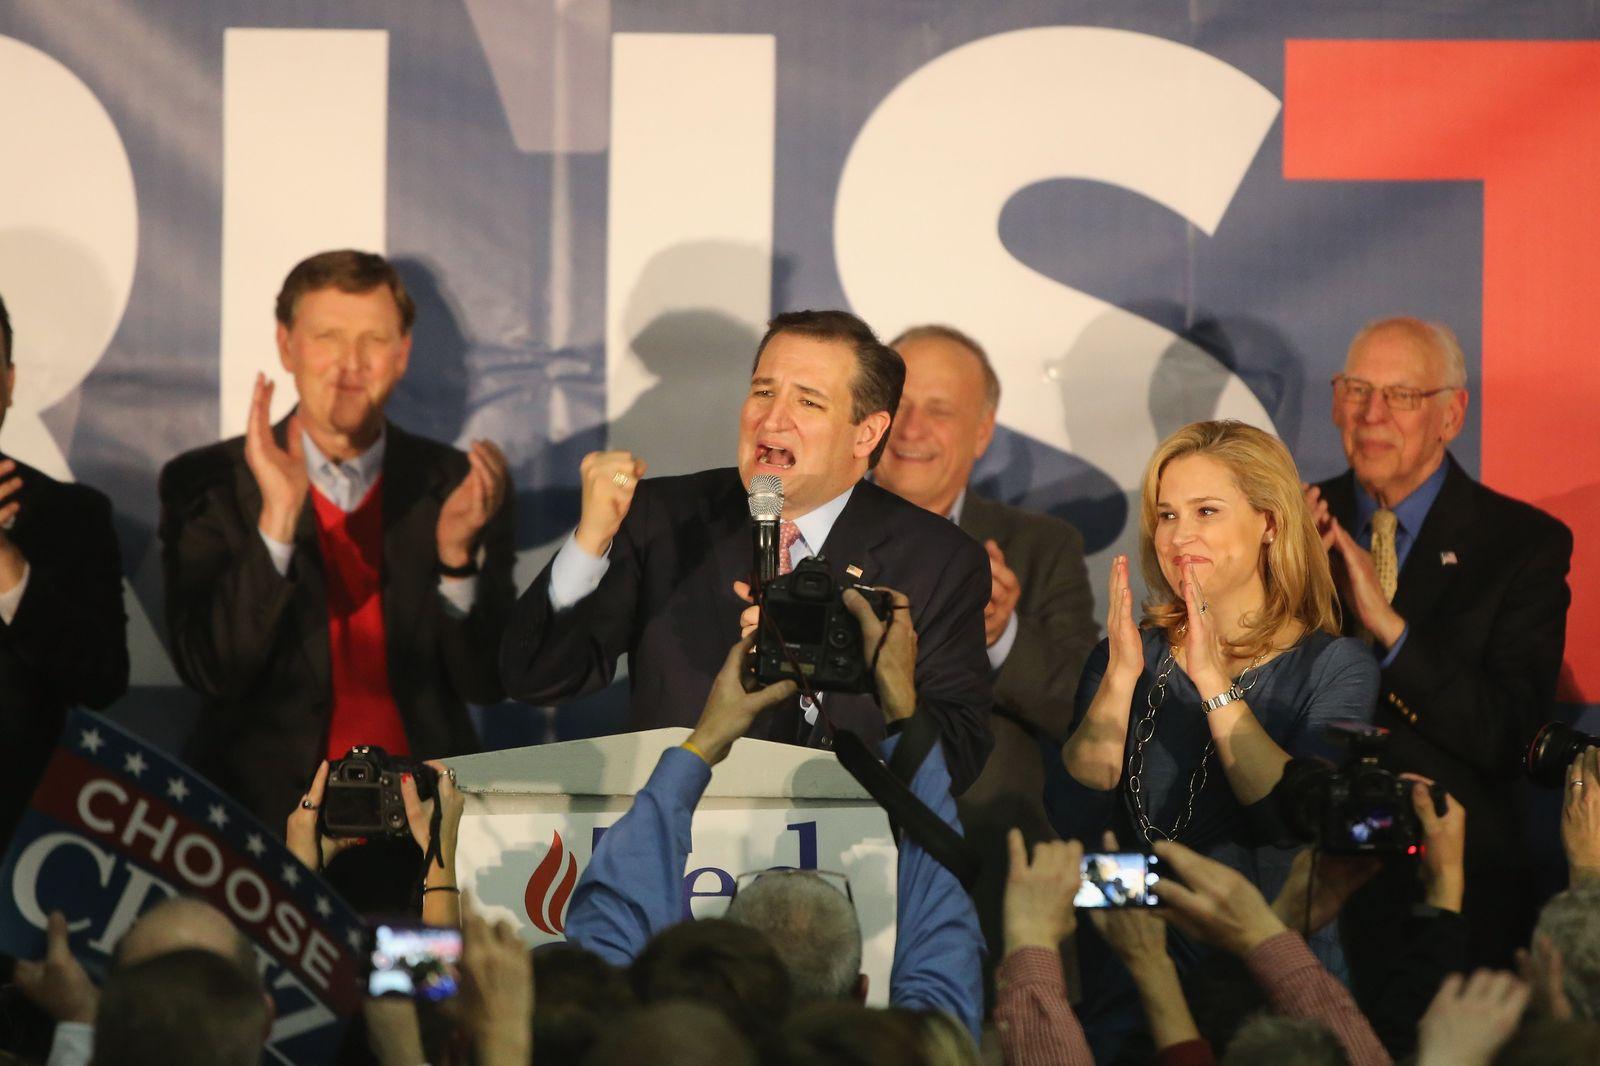 Ted Cruz / Iowa